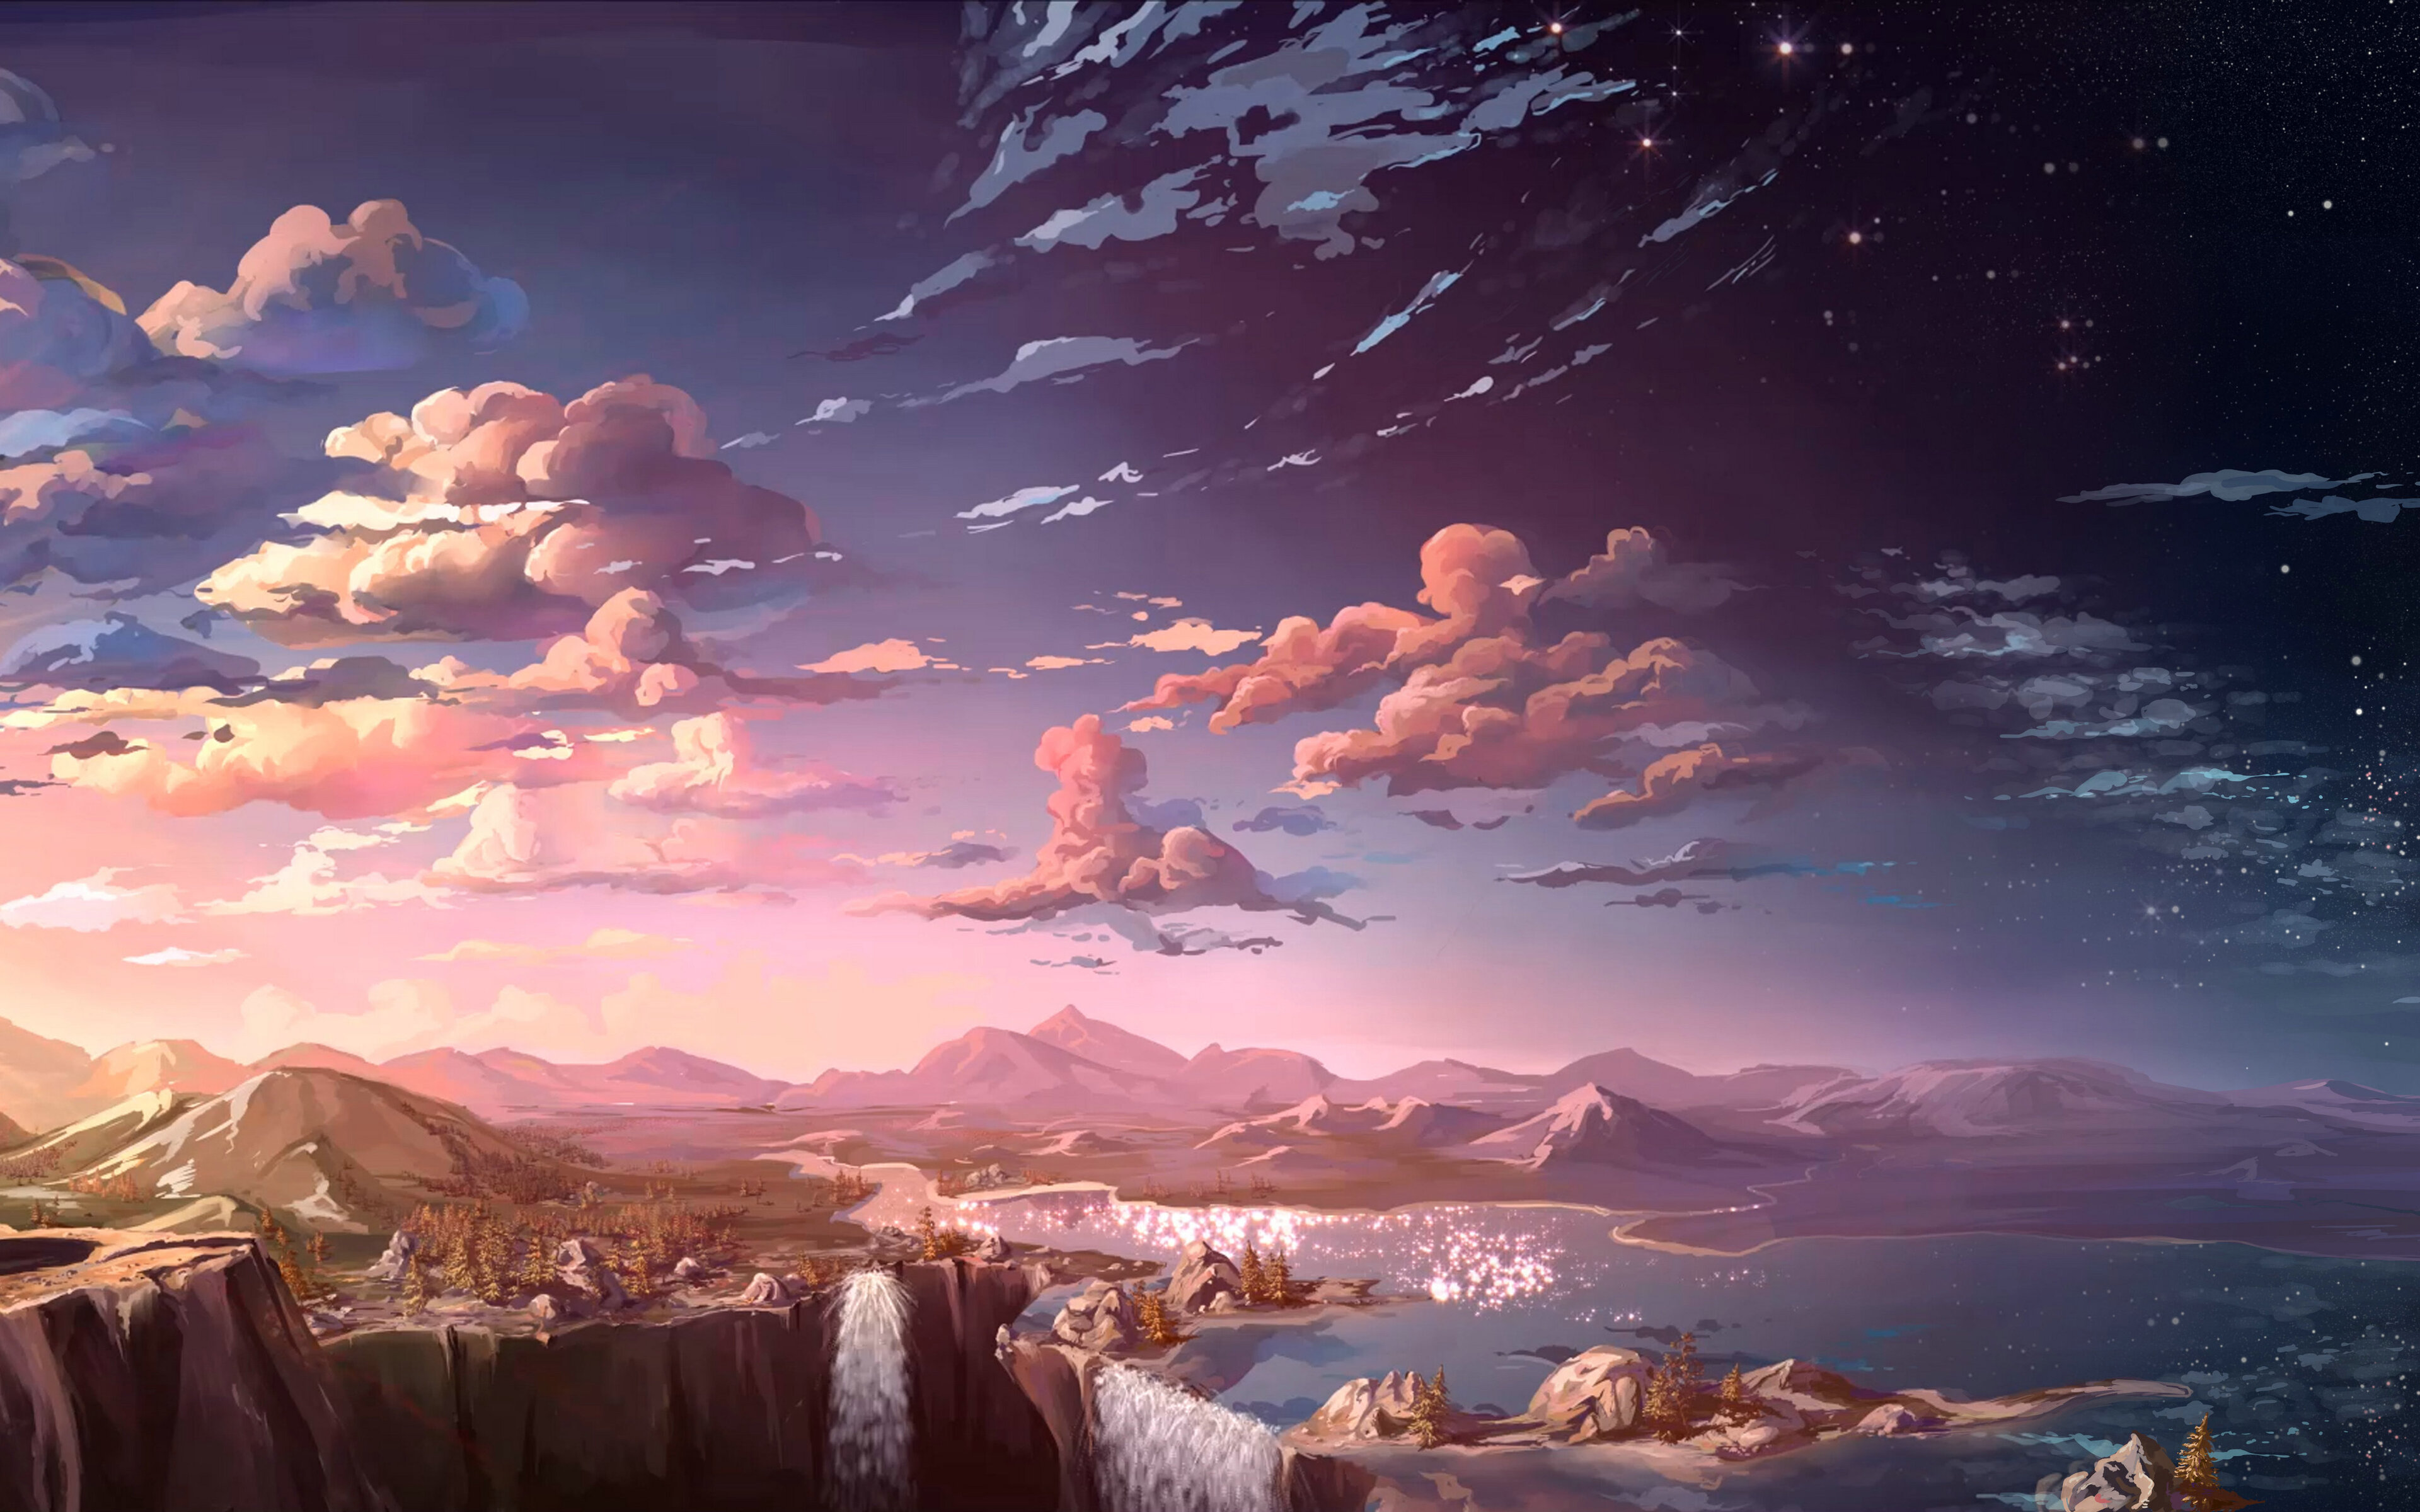 3840x2400 anime landscape waterfall cloud 5k 4k hd 4k - Anime background wallpaper 4k ...